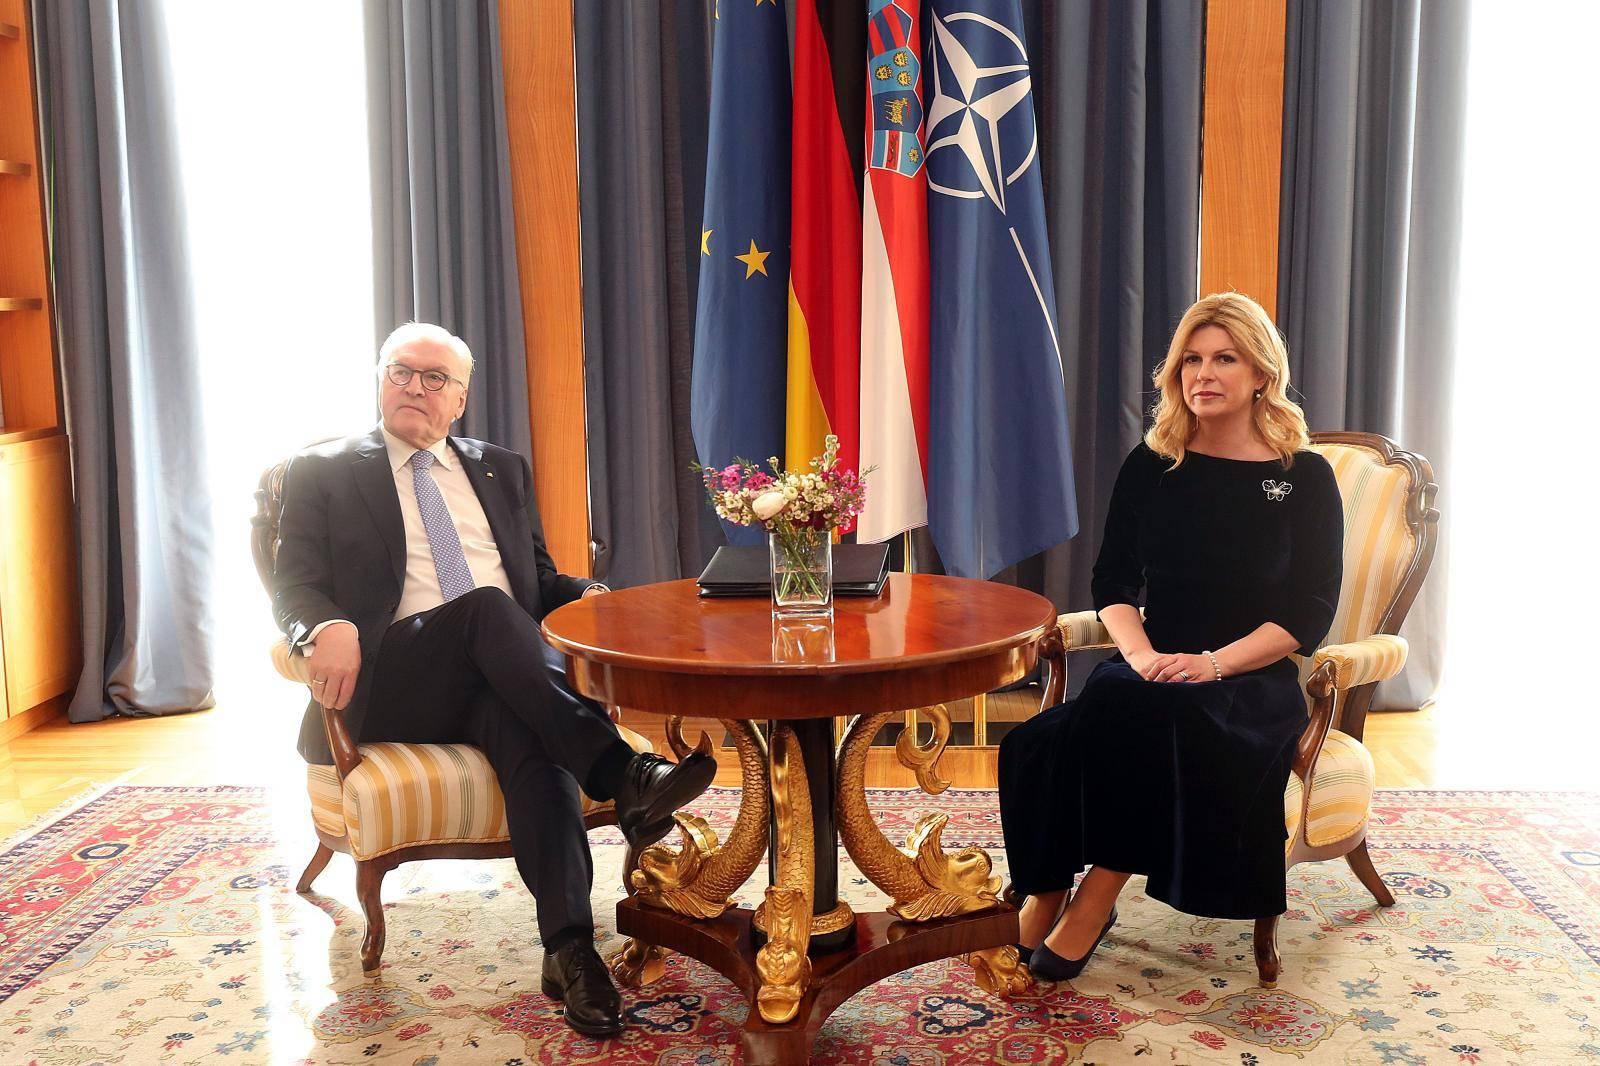 Zagreb: Nakon fotografiranja održan tete-a-tete razgovor predsjednika Njemačke i Hrvatske